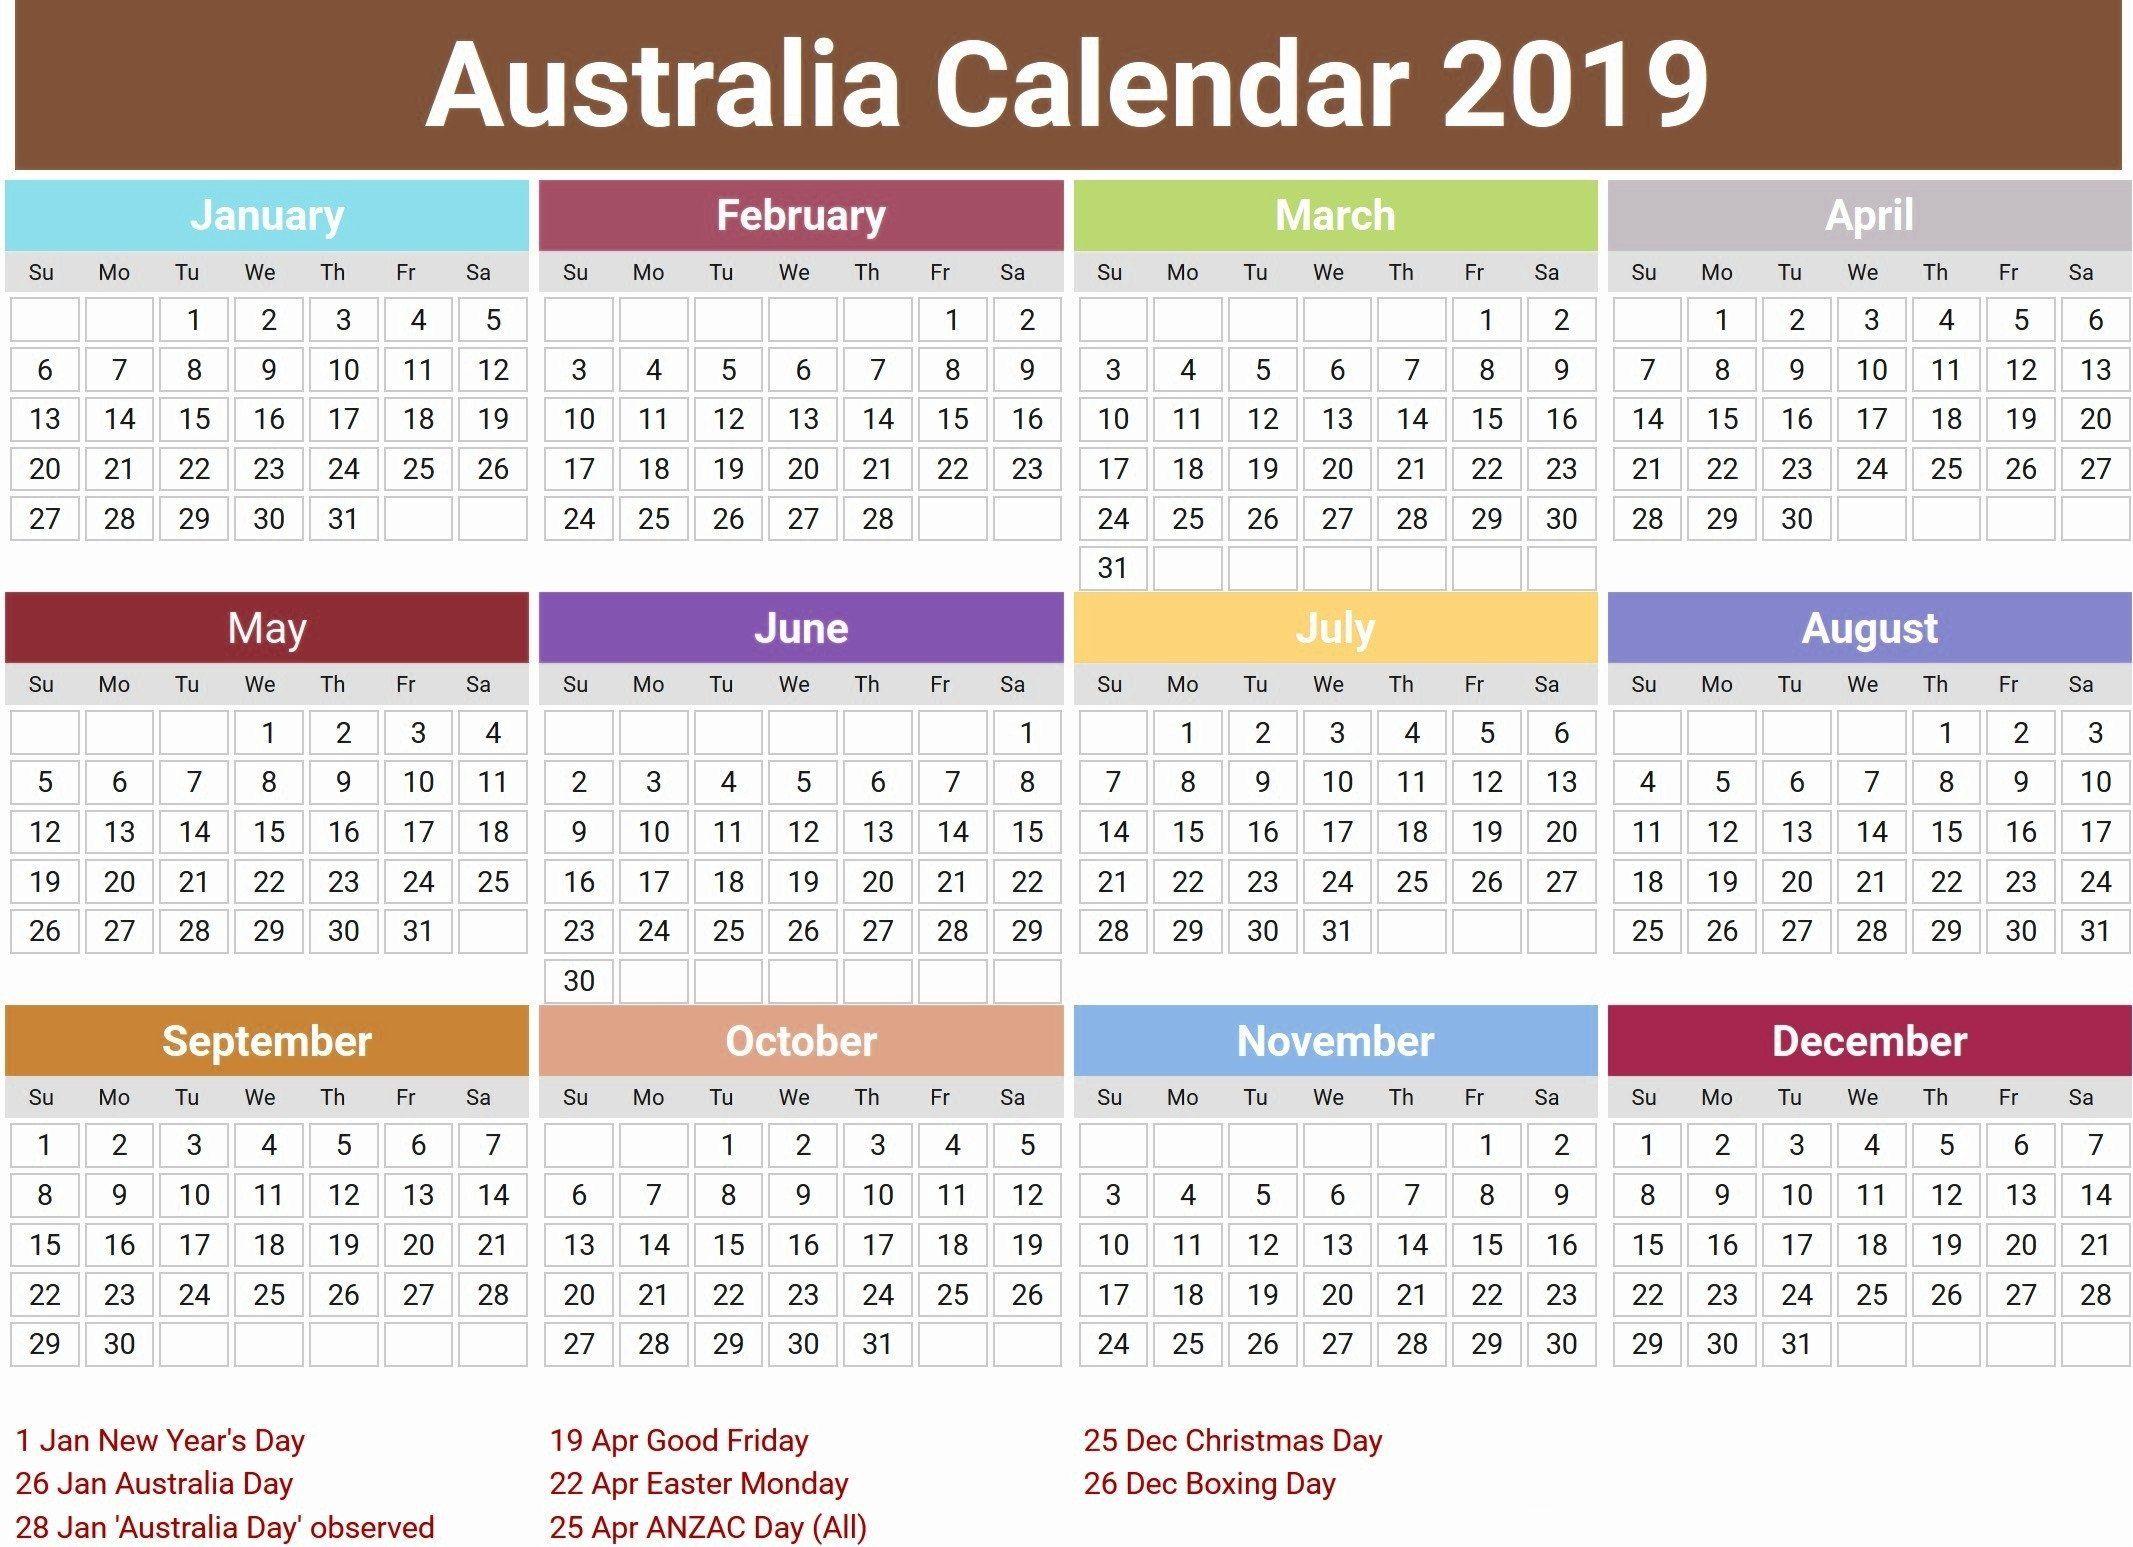 2019 Calendar For Australia australia 2019 calendar with holidays | Printable Calendar 2019